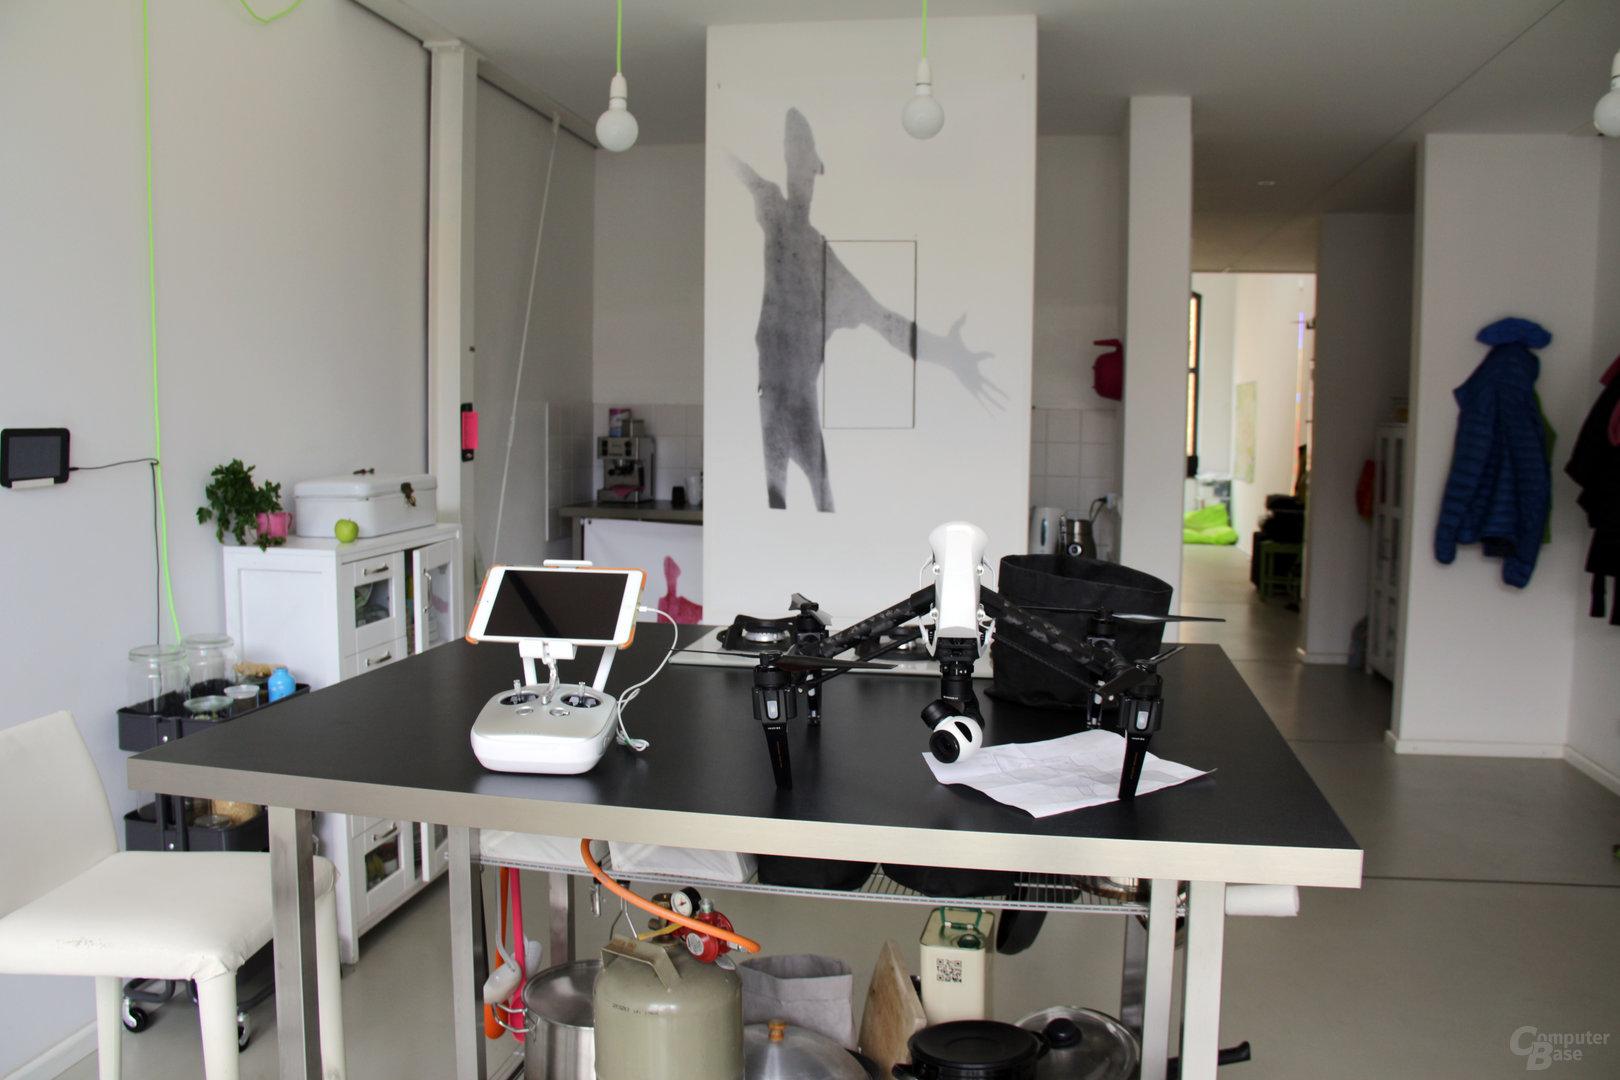 Das Berliner Atelier mit der DJI Inspire 1